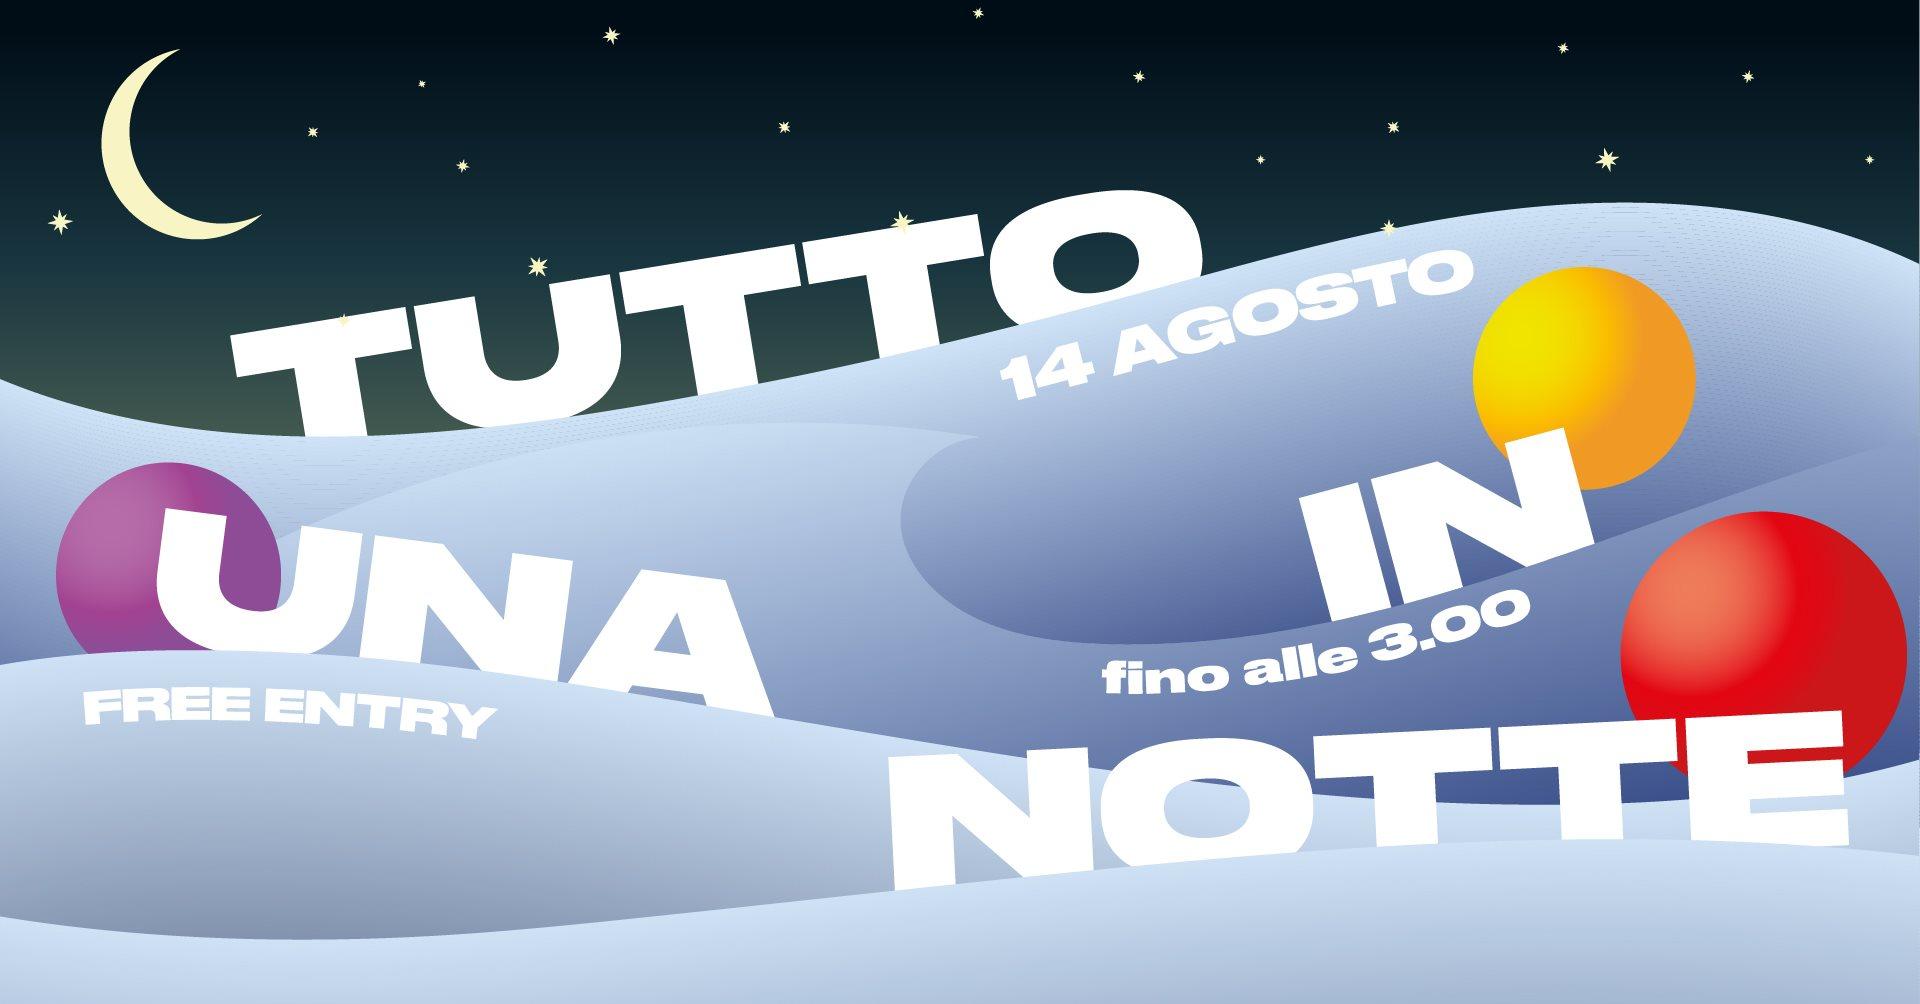 Tutto in una Notte + live Sudestrada